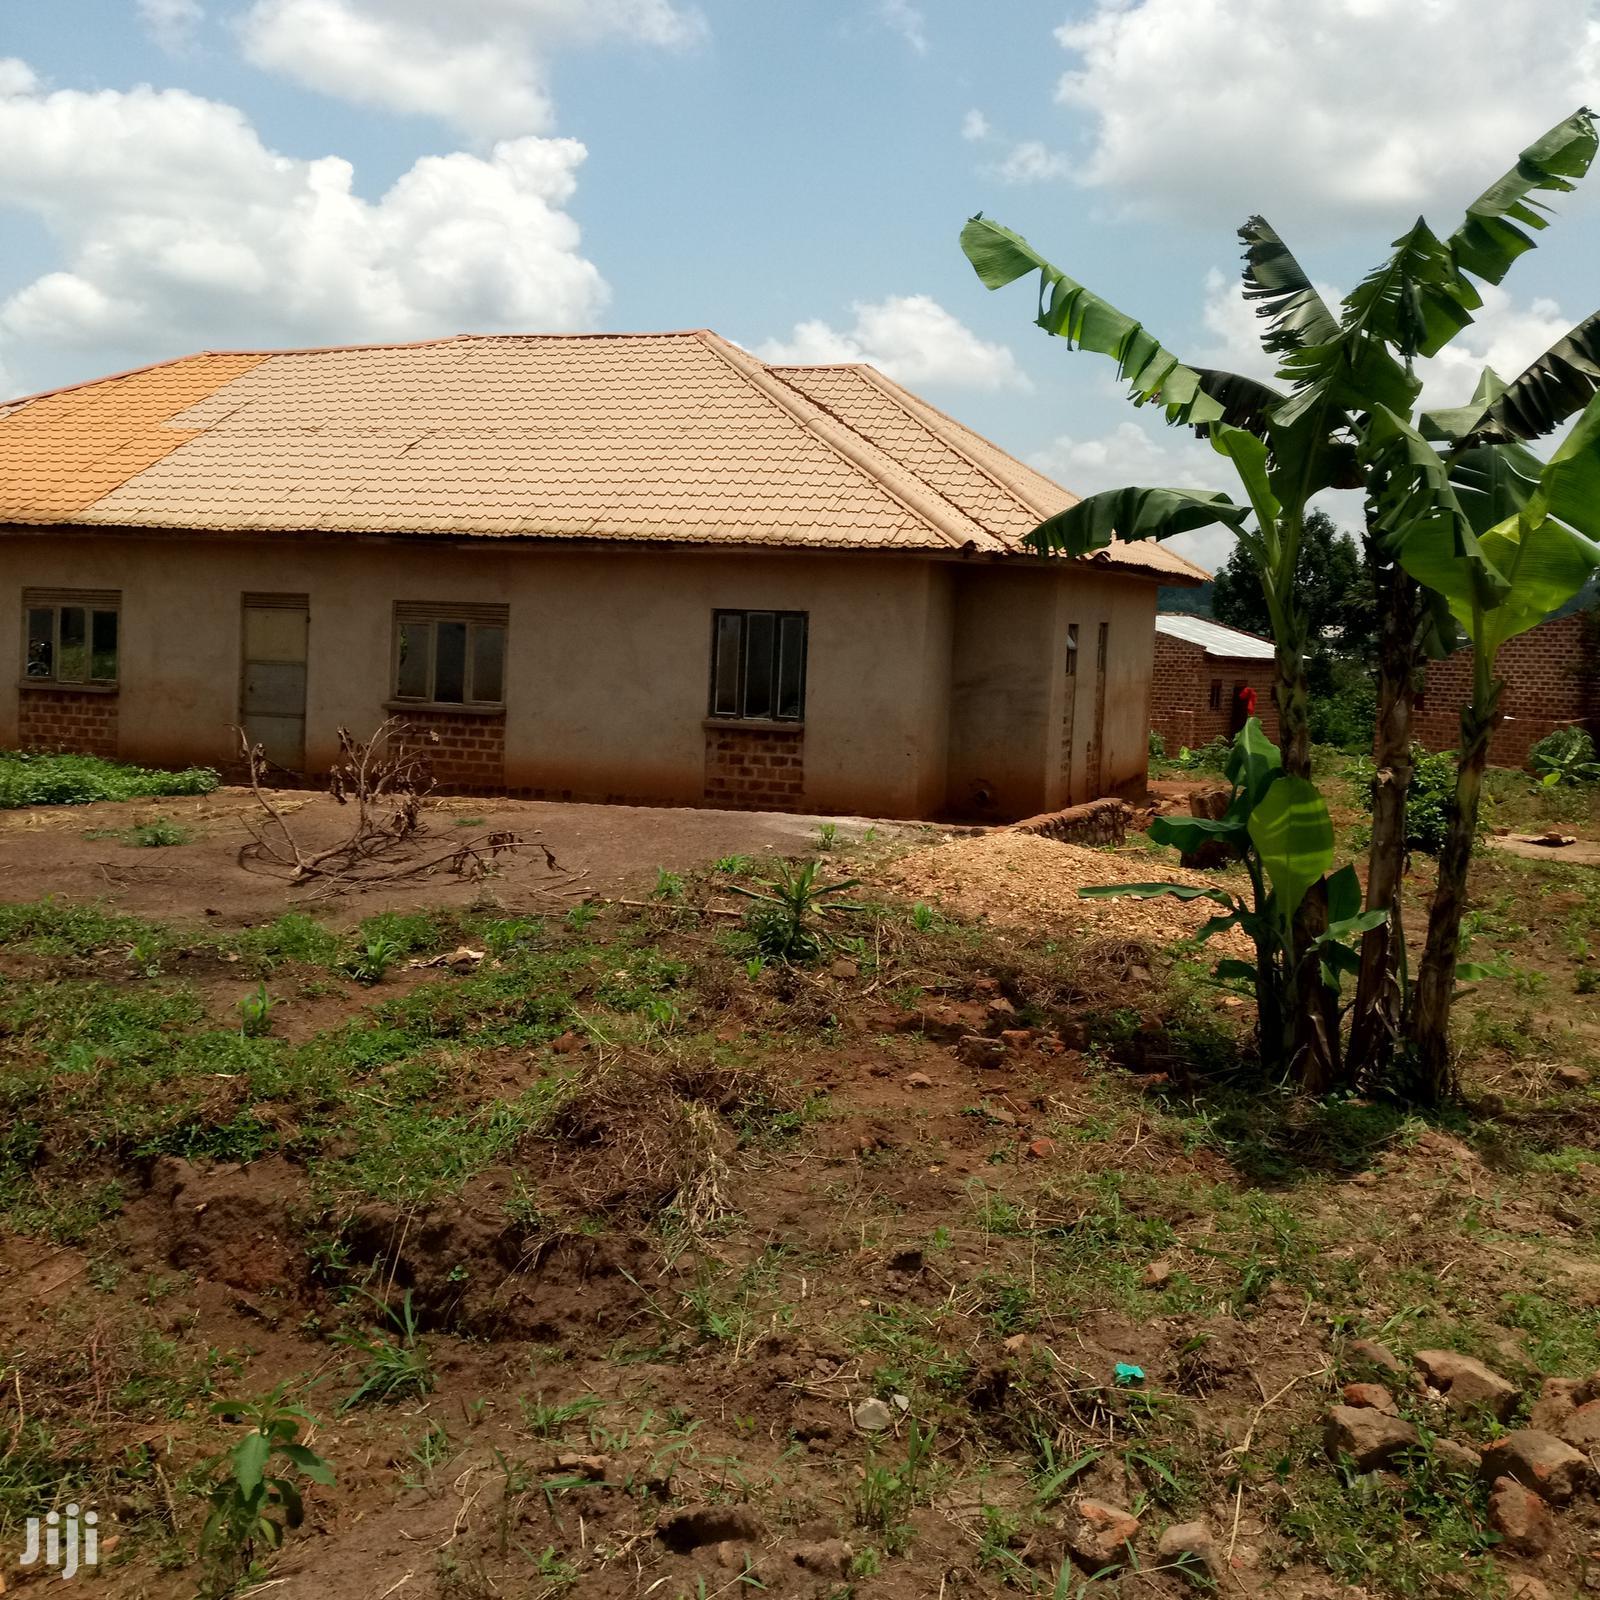 Four Bedroom House In Namugongo Bukerere For Sale | Houses & Apartments For Sale for sale in Kampala, Central Region, Uganda